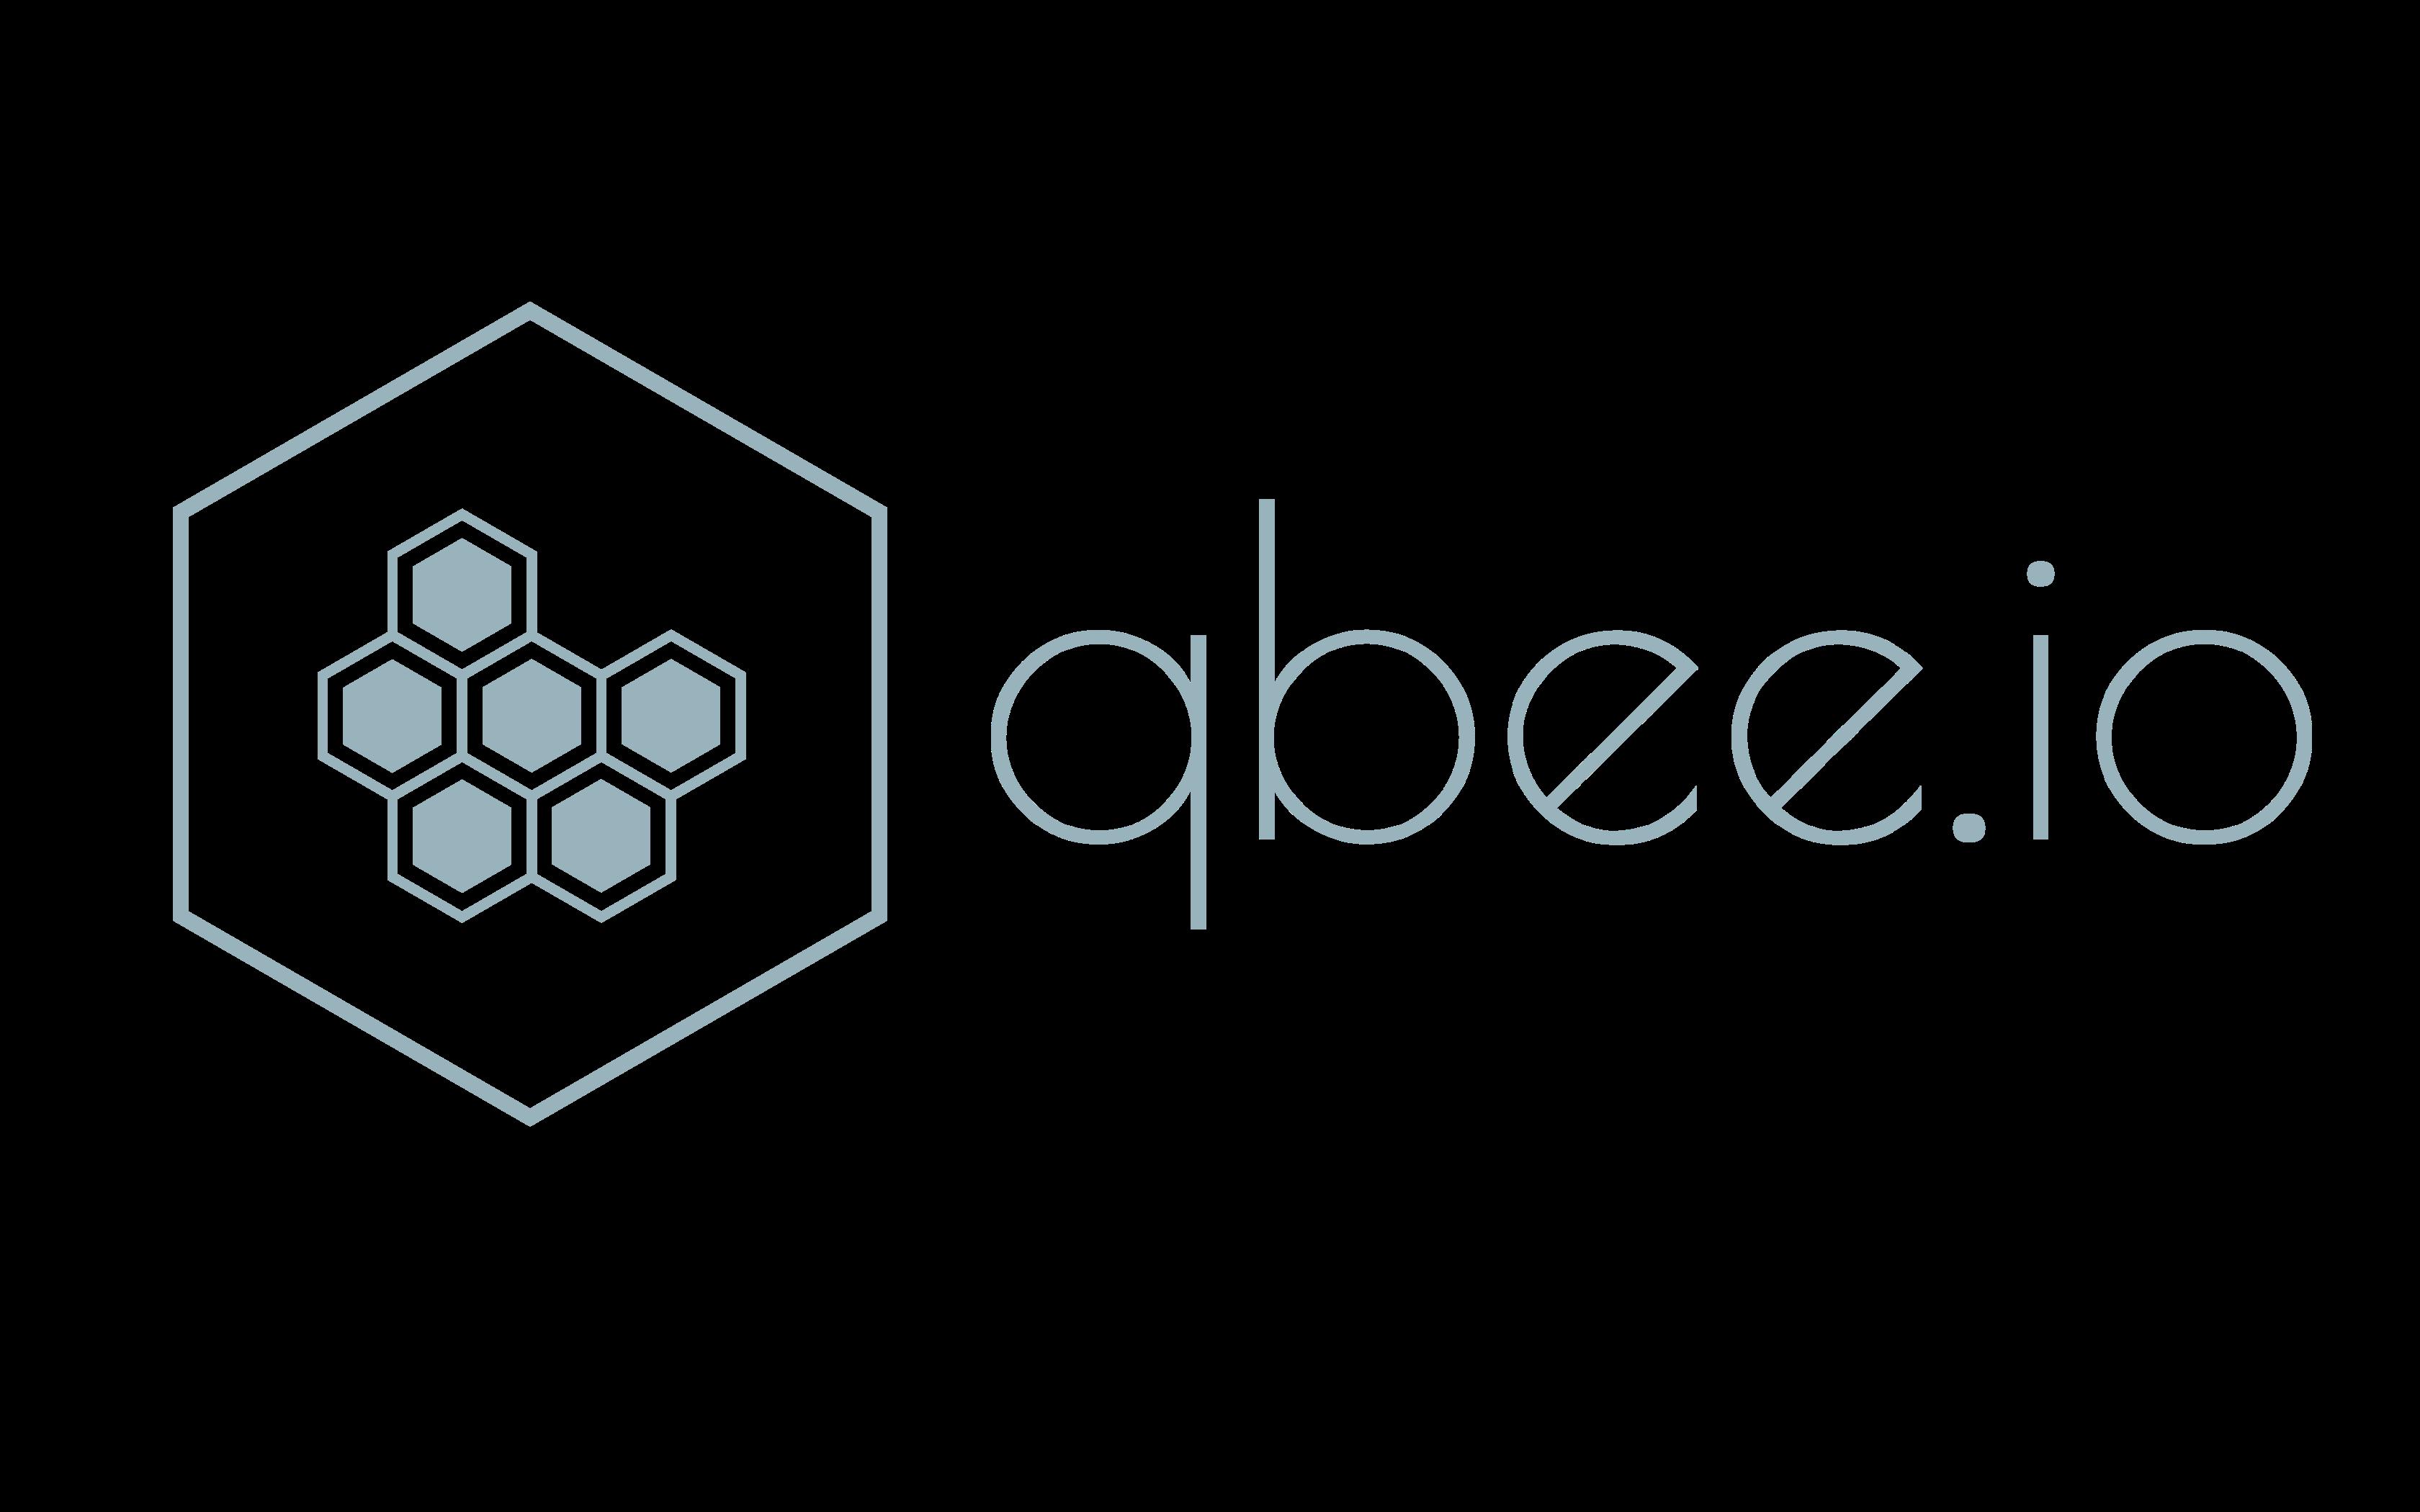 https://vikenklynge.no/nettverk/wp-content/uploads/2021/06/qbee-logo.png